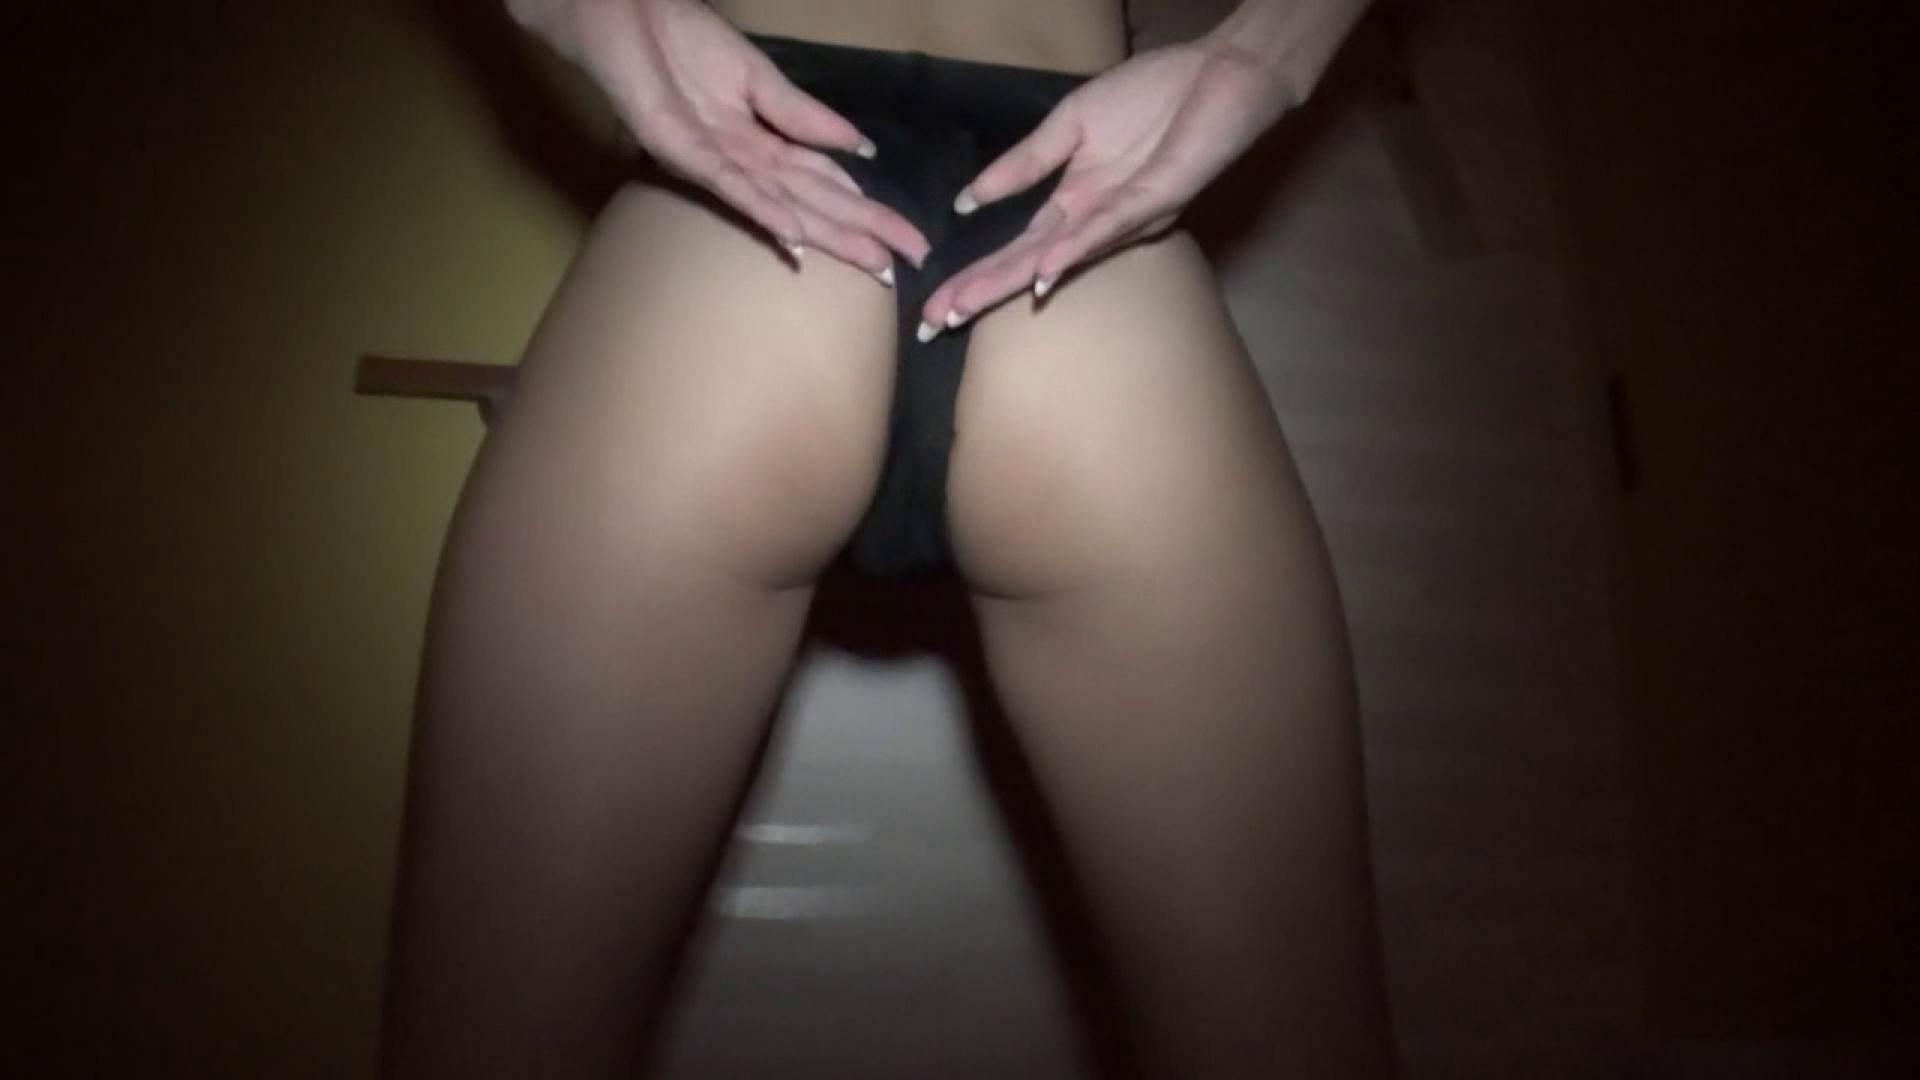 おしえてギャル子のH塾 Vol.18 前編 水着編 ヌード画像 75枚 11